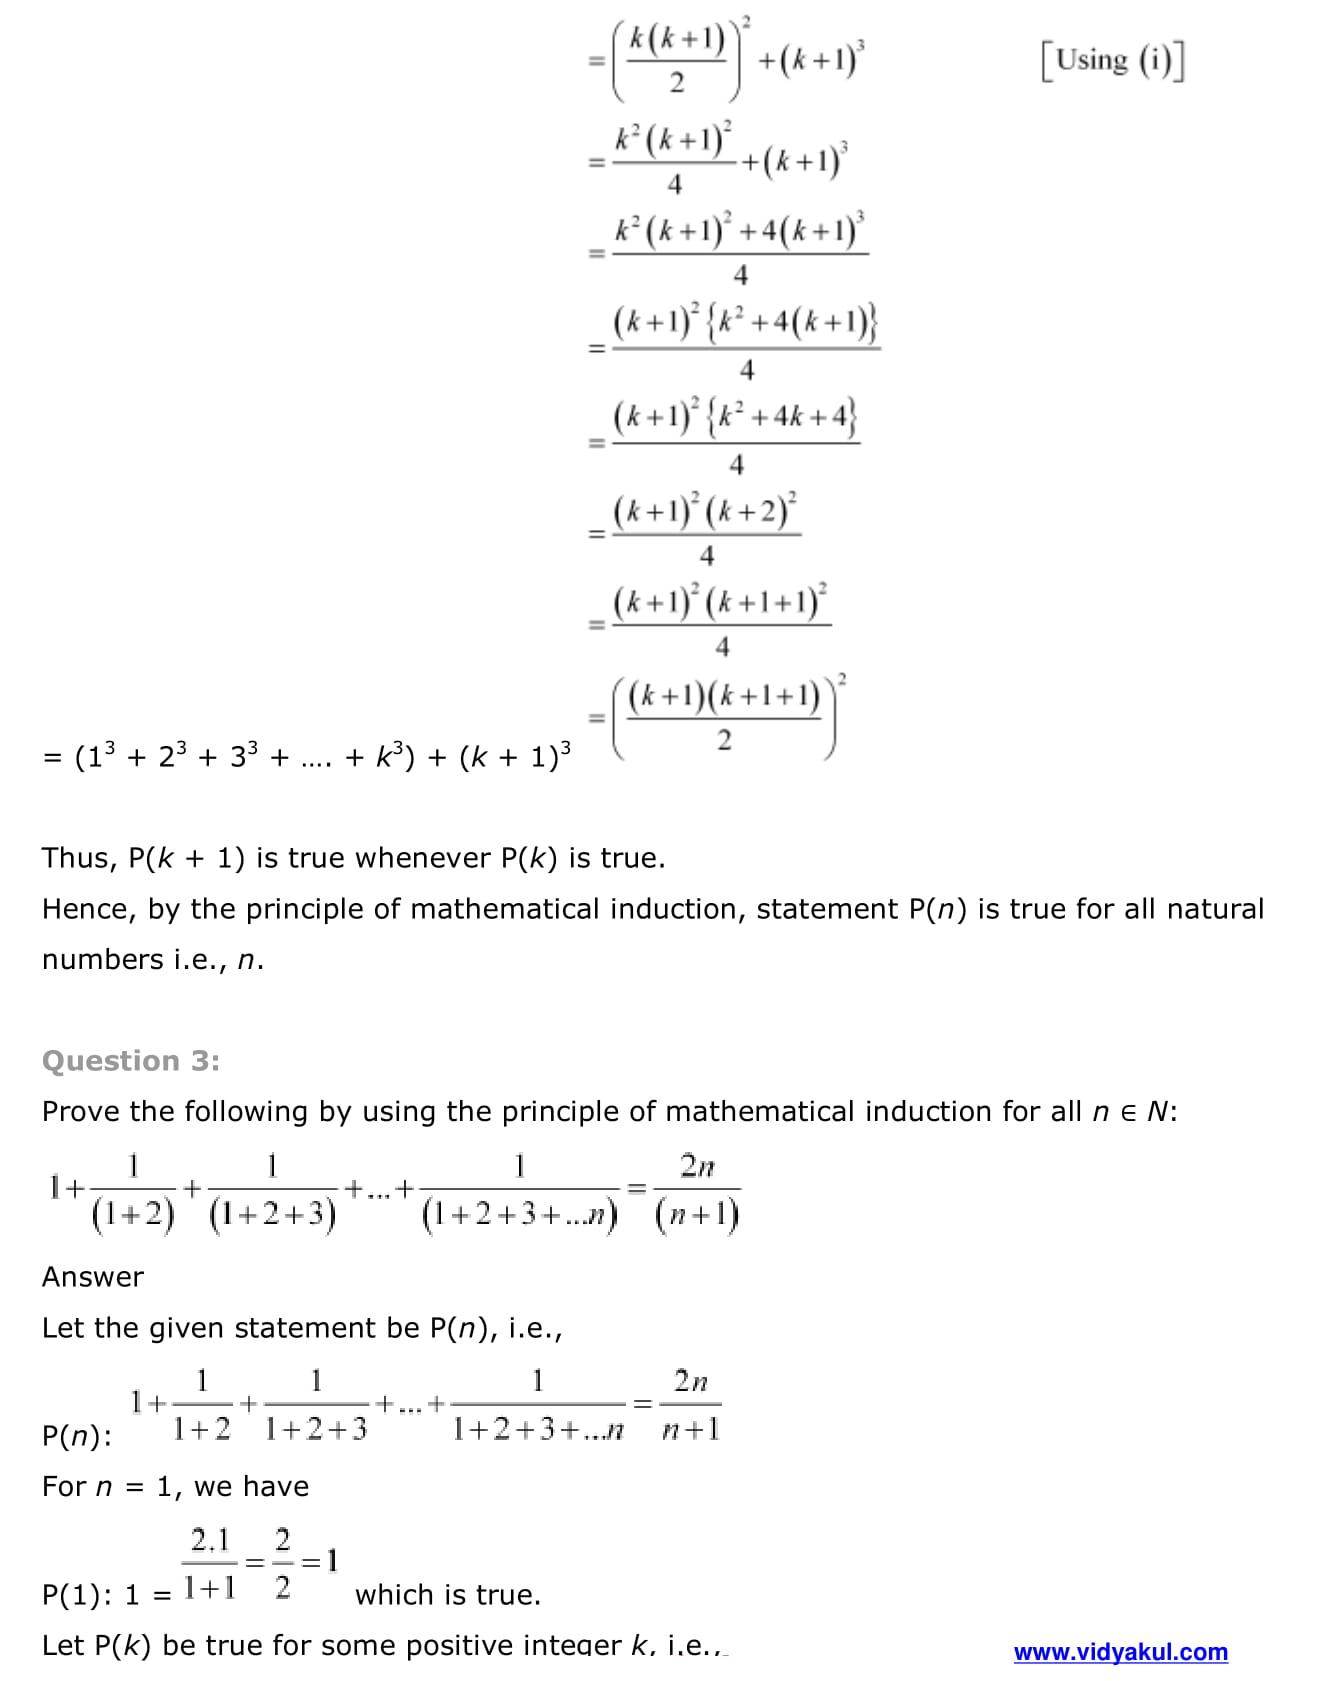 NCERT Solutions Class 11 Maths Chapter 4 | Vidyakul